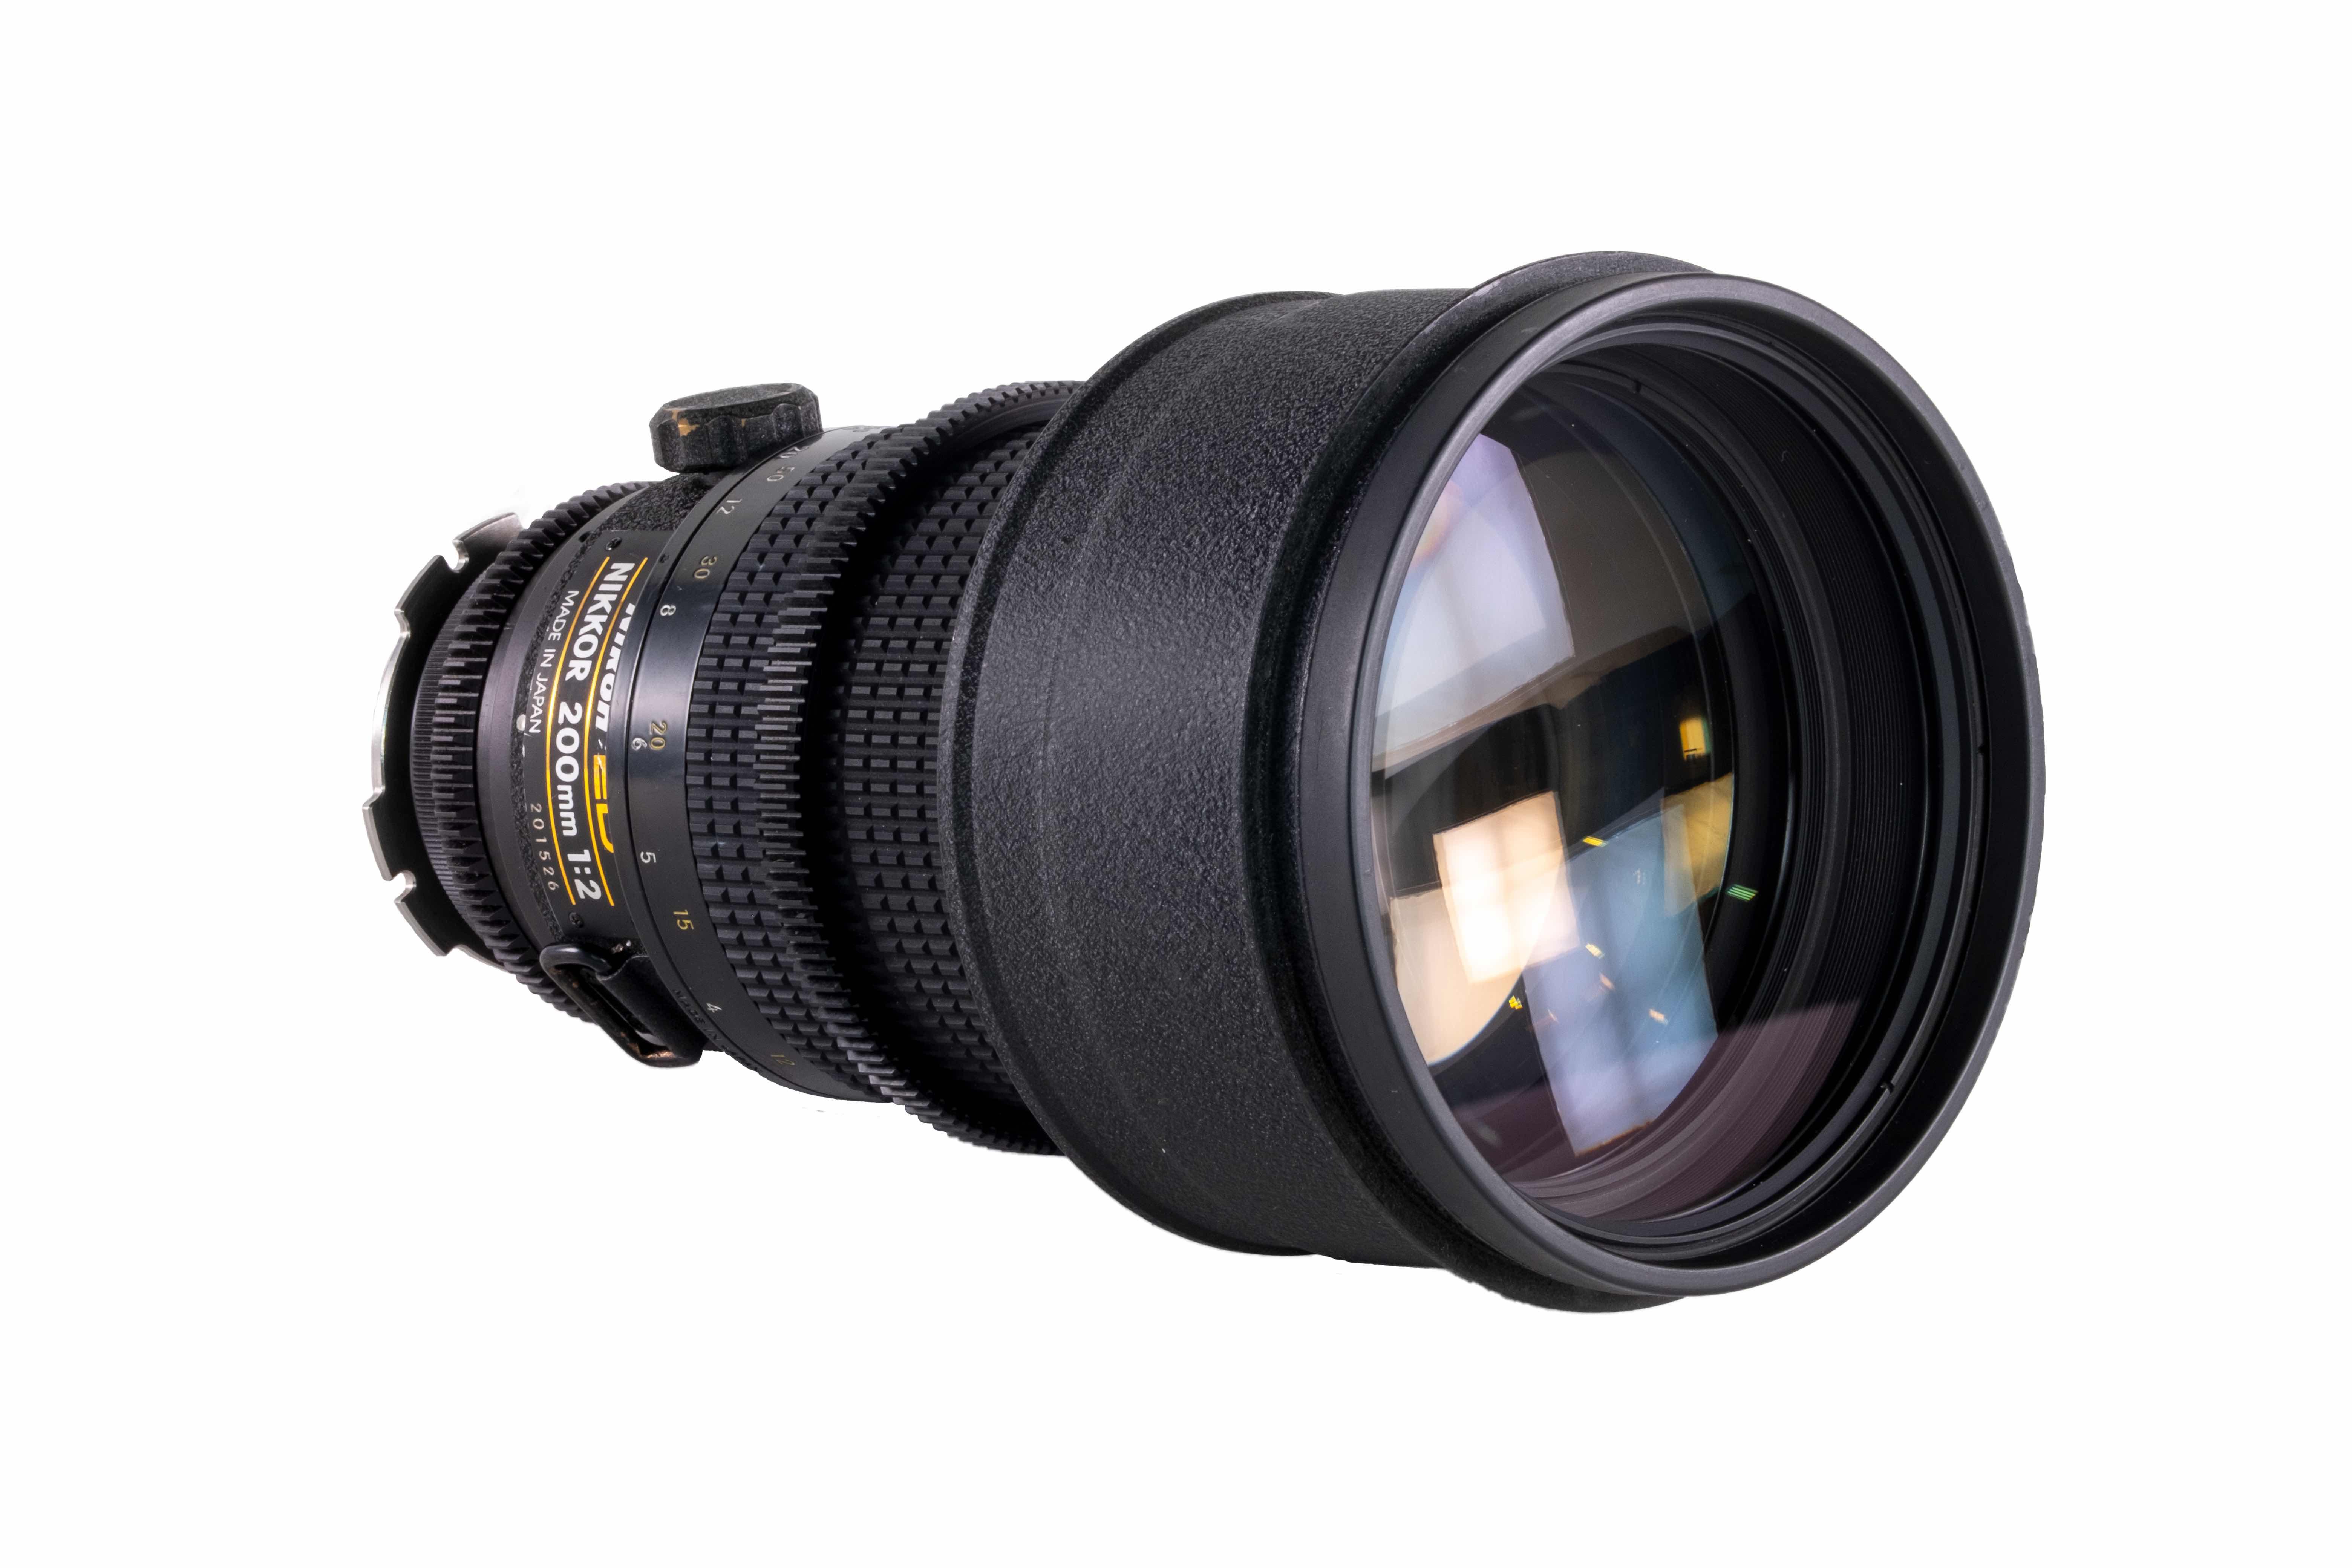 Nikkor ED 200mm T/2.0 Prime